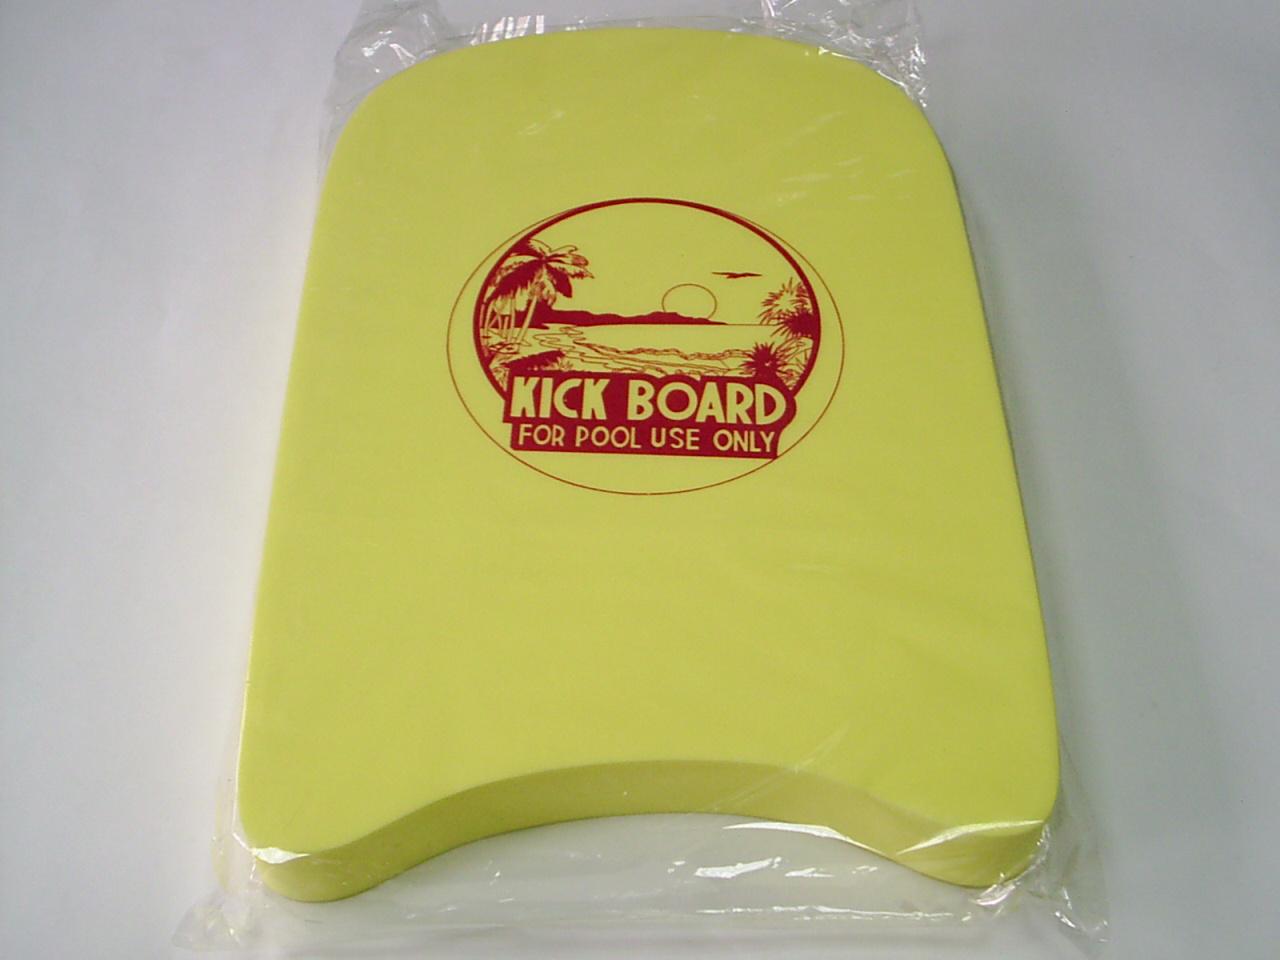 KICKBOARD (Kickboard)